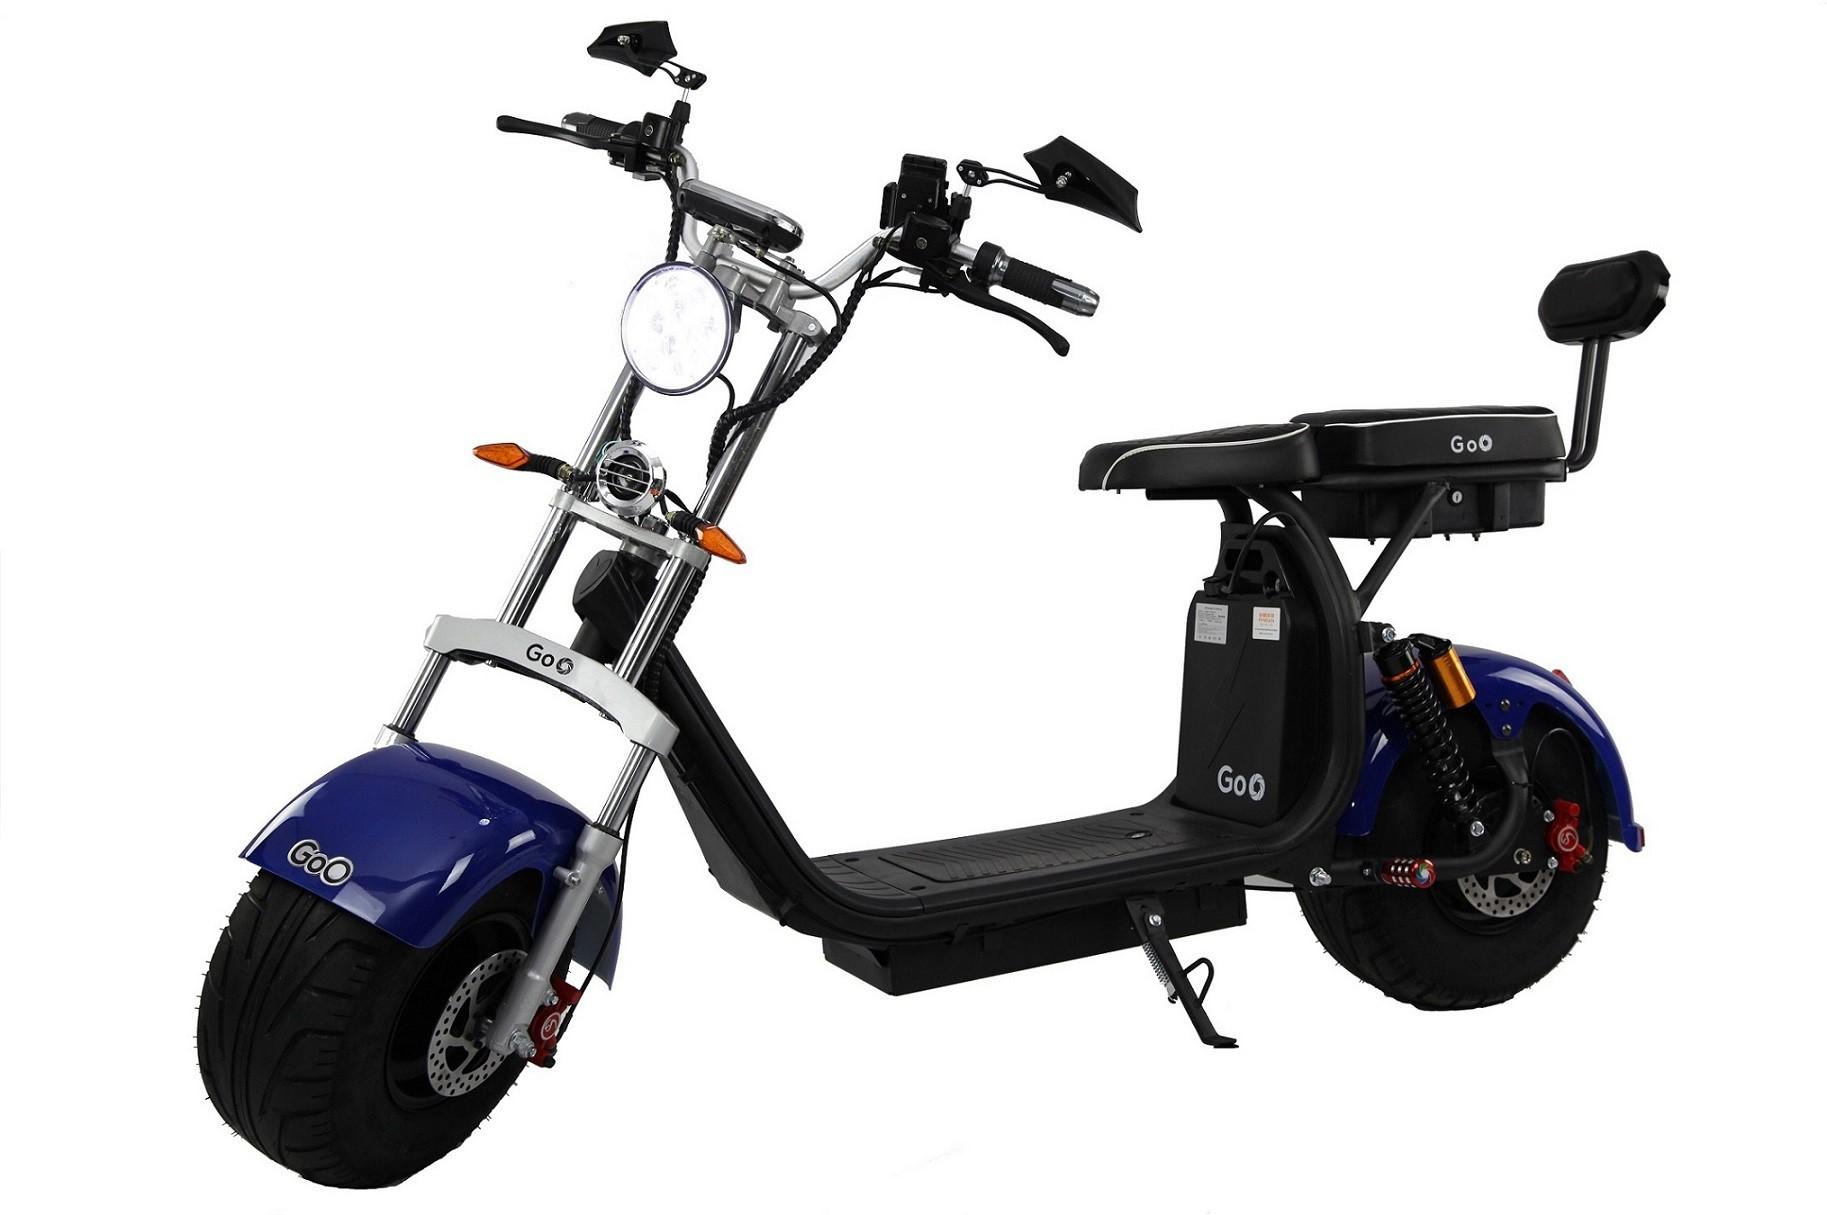 Jogo de Para-lamas azul escuro com seta scooter elétrica citycoco